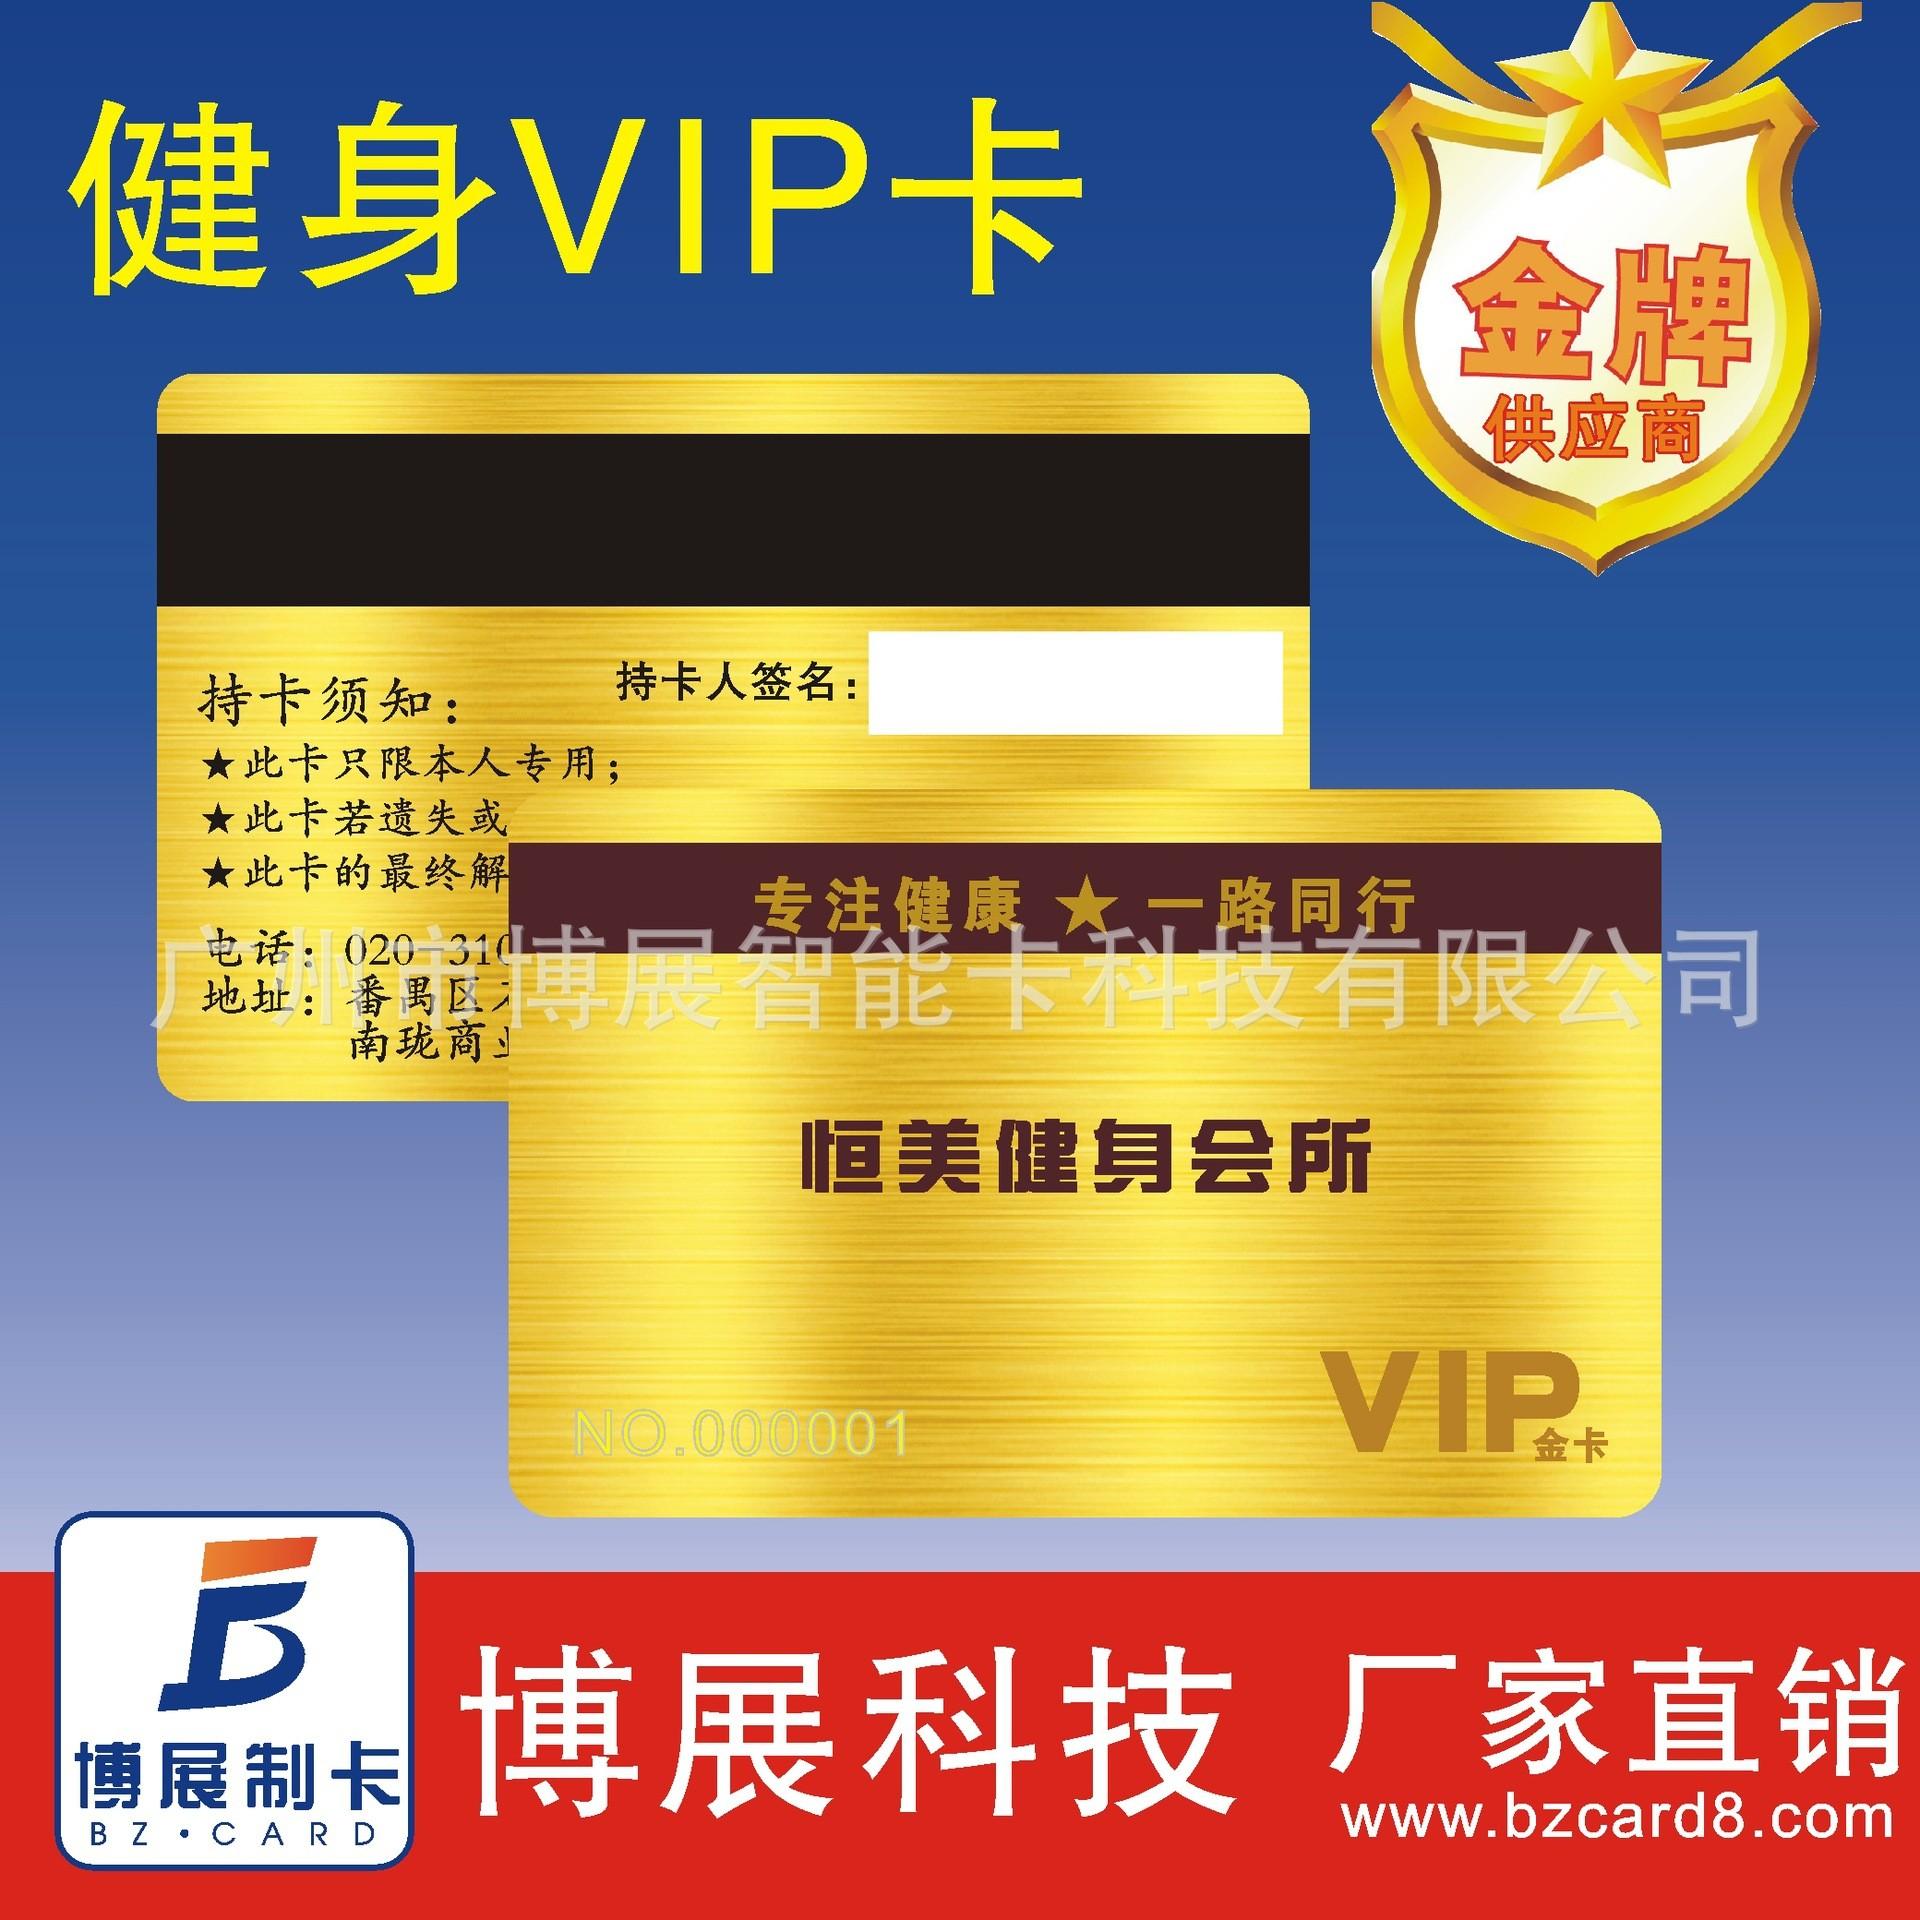 厂家供给磁条积分卡 PVC/ABS/PET PVC卡